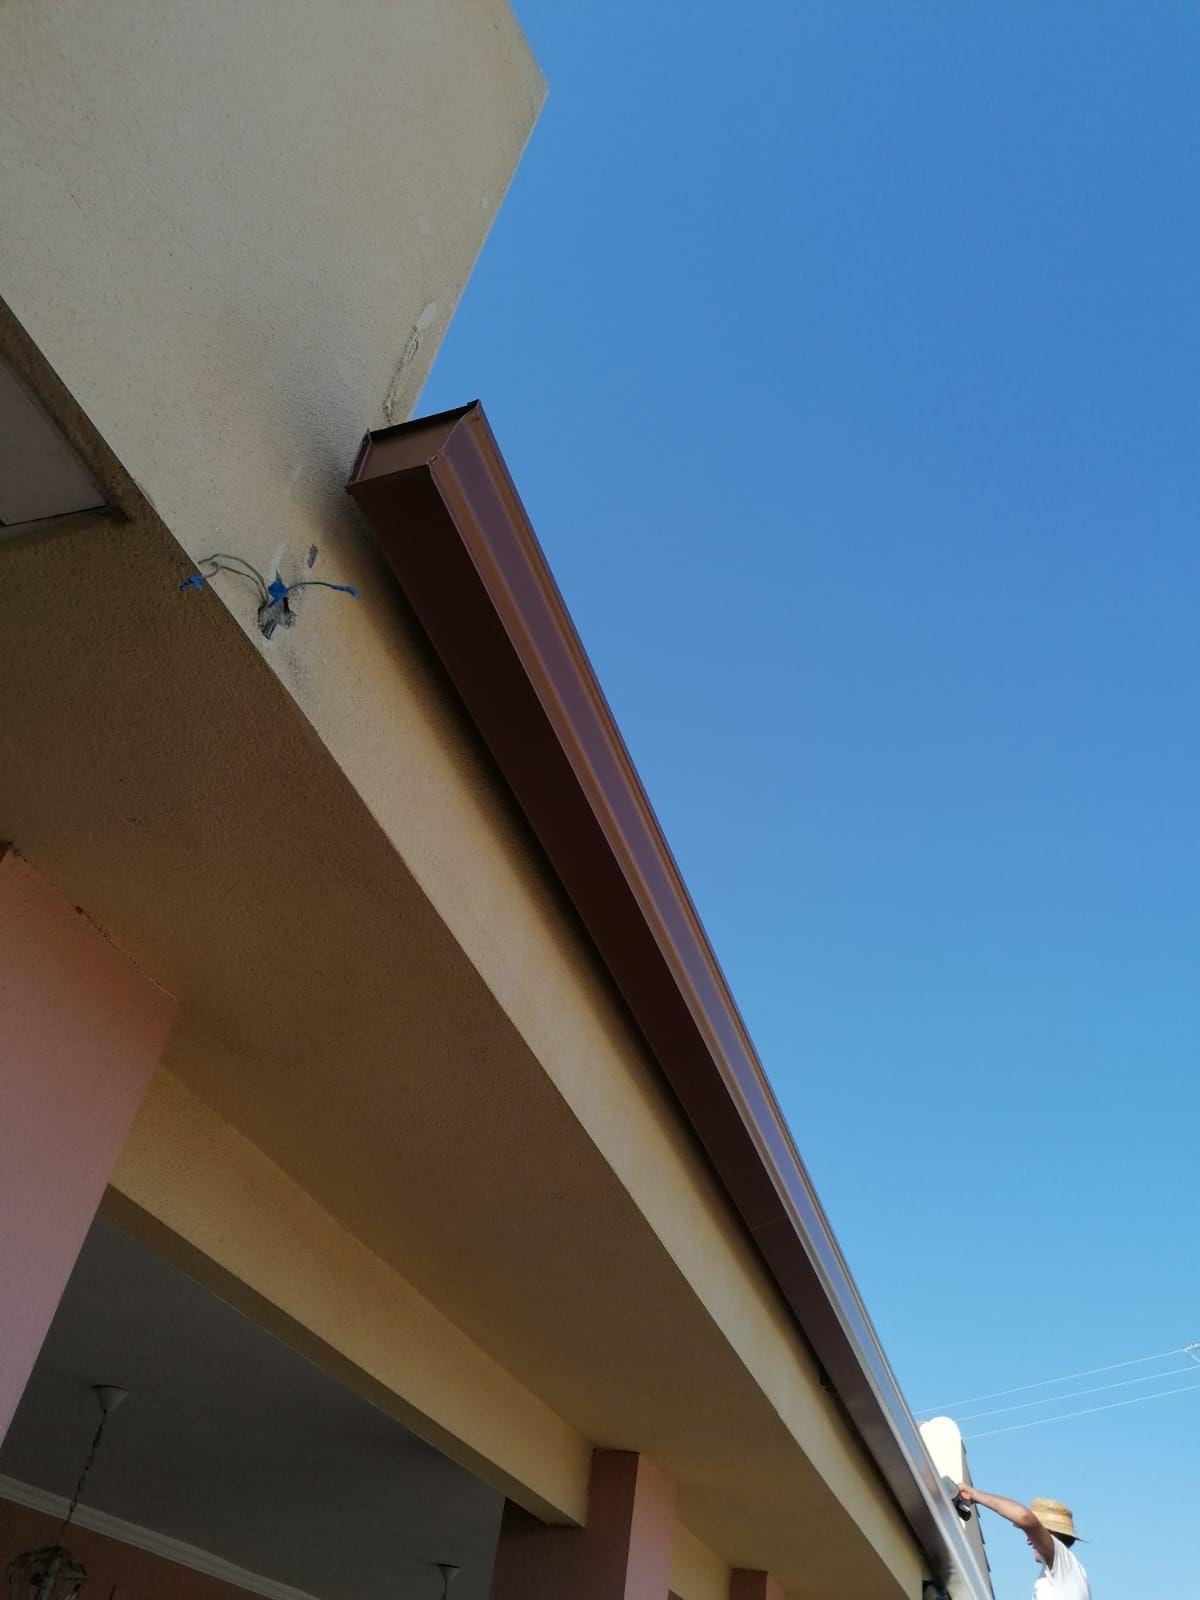 Protege los cimientos de la vivienda y evita la aparición de humedades. Pide presupuesto a Vicente Canalones, tu empresa de confianza